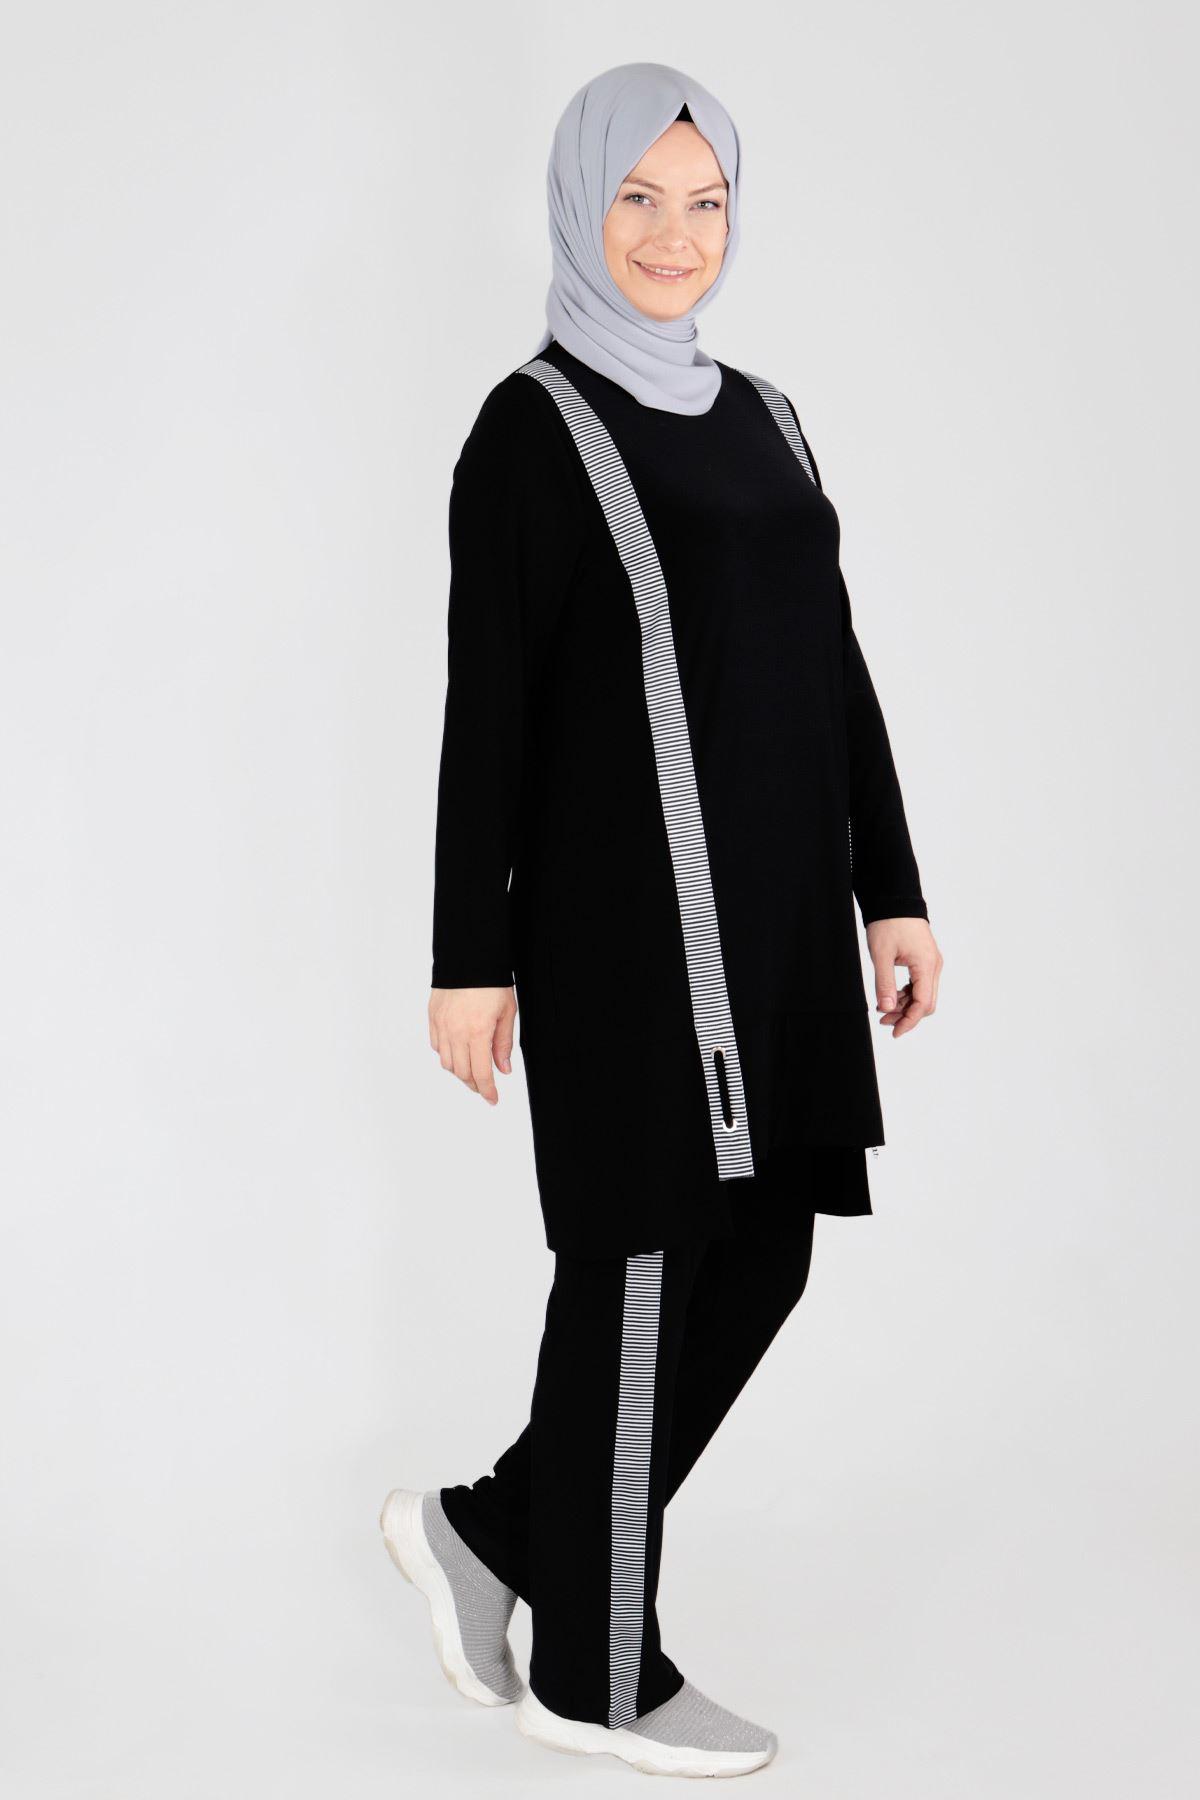 Büyük Beden Tesettür Pantolonlu Takım 35041 Siyah